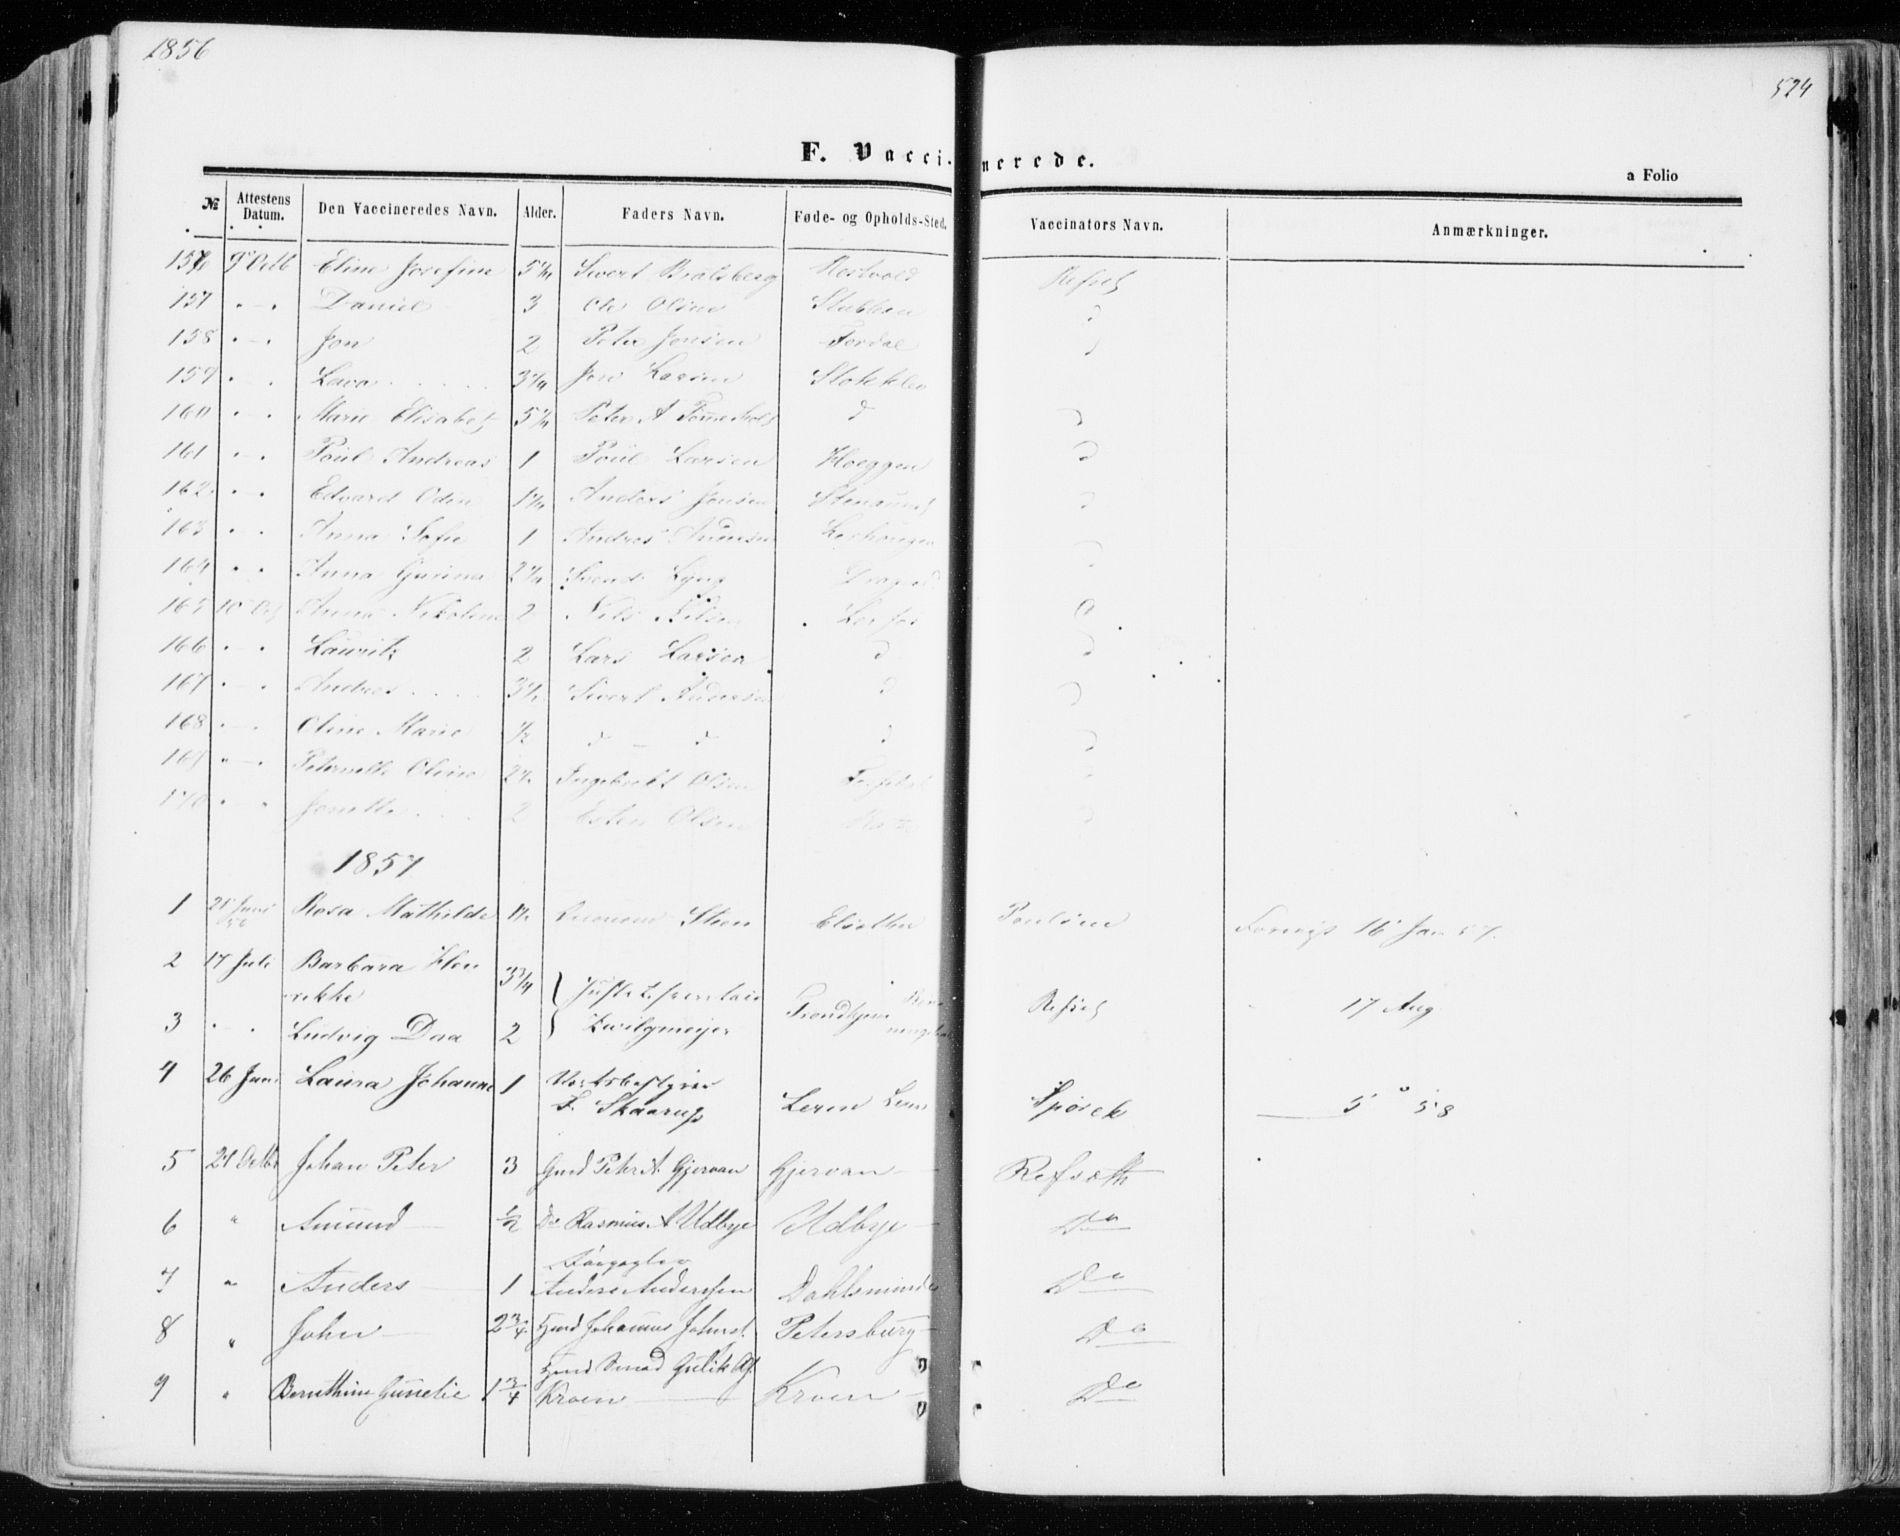 SAT, Ministerialprotokoller, klokkerbøker og fødselsregistre - Sør-Trøndelag, 606/L0292: Ministerialbok nr. 606A07, 1856-1865, s. 524